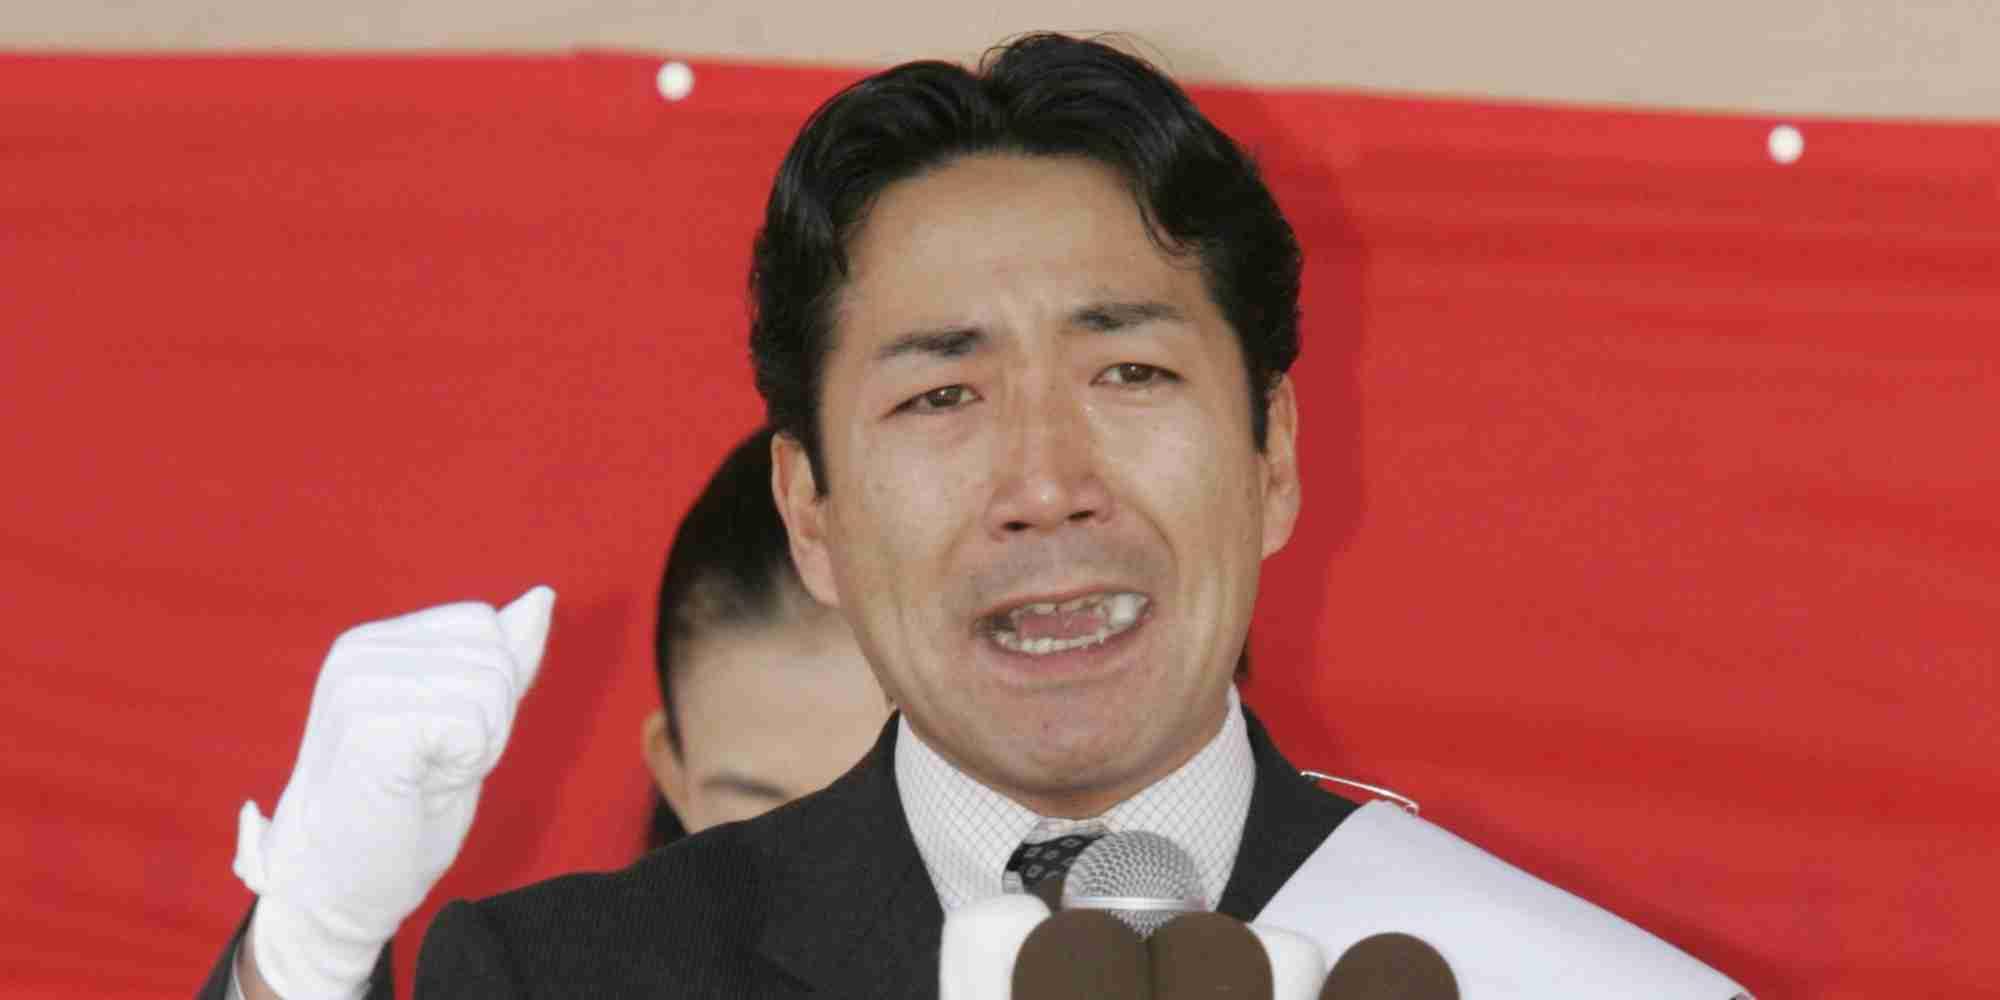 中川俊直氏、女性問題で政務官辞任 「重婚ウェディング」と週刊新潮がツイート